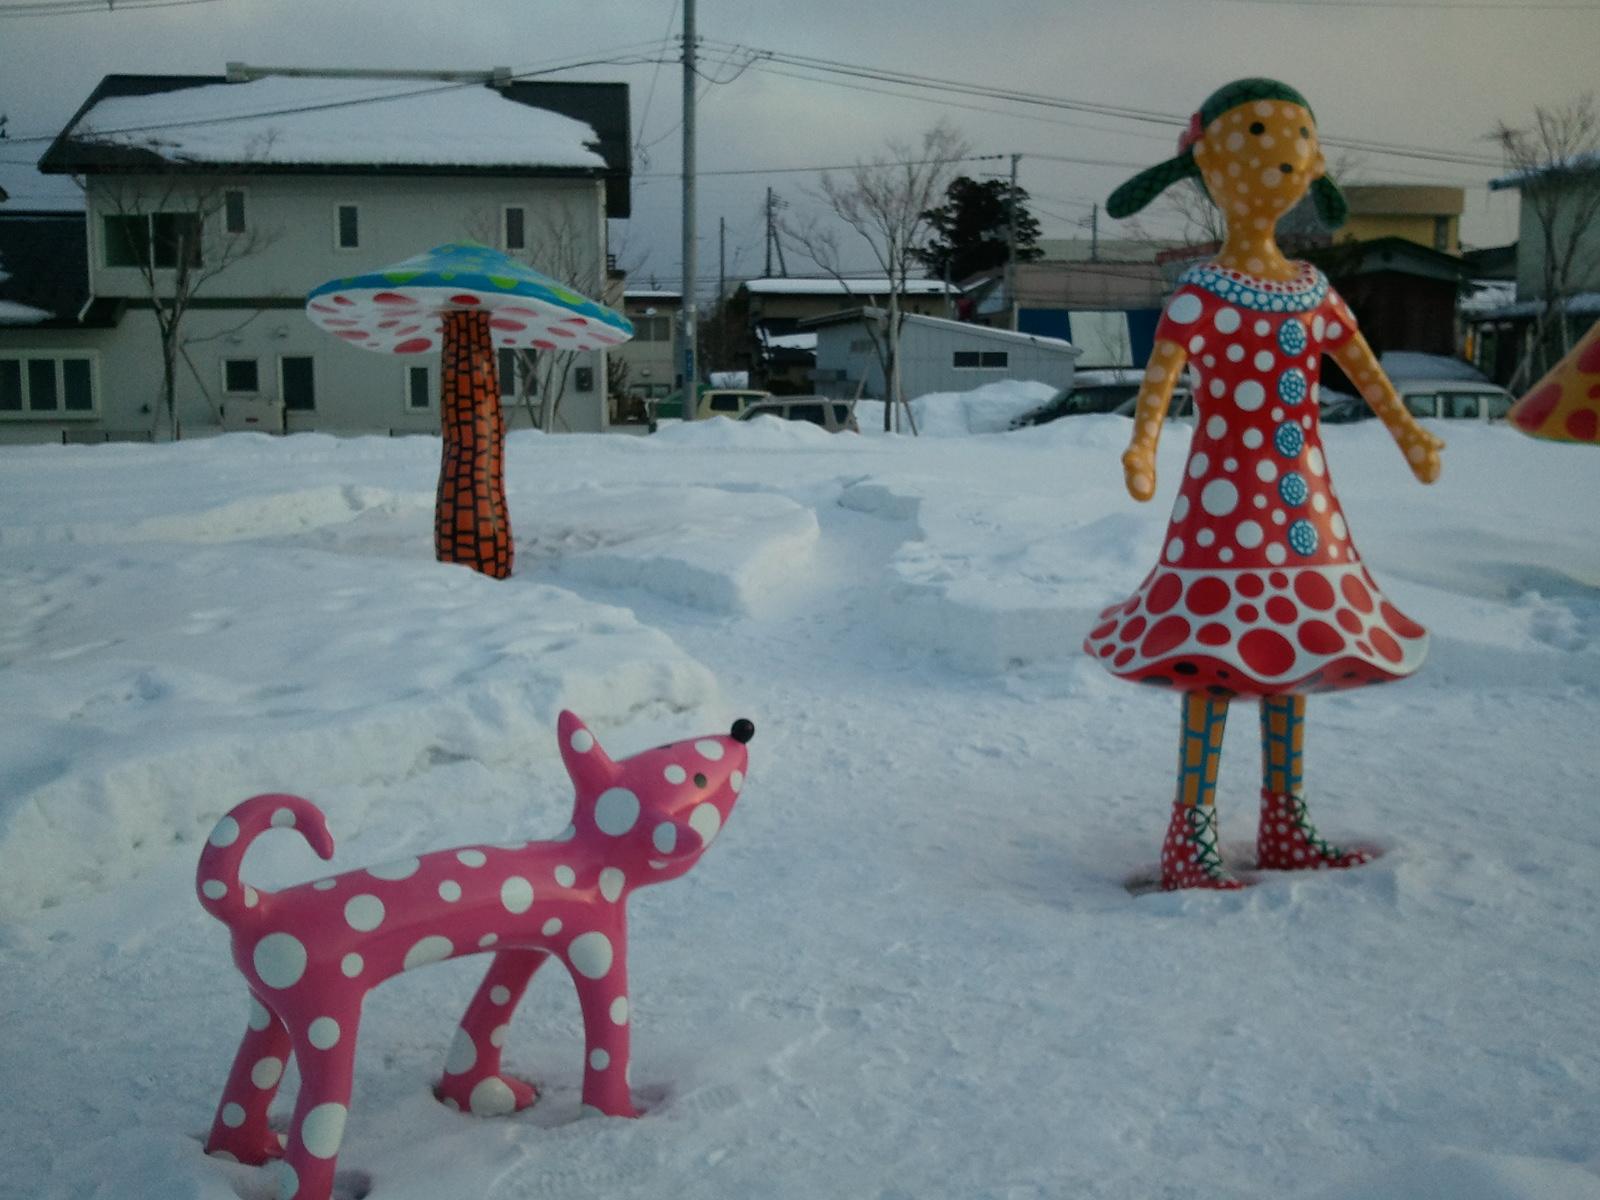 2012焼山スノーボードキャンプin青森 その1_e0173533_99556.jpg